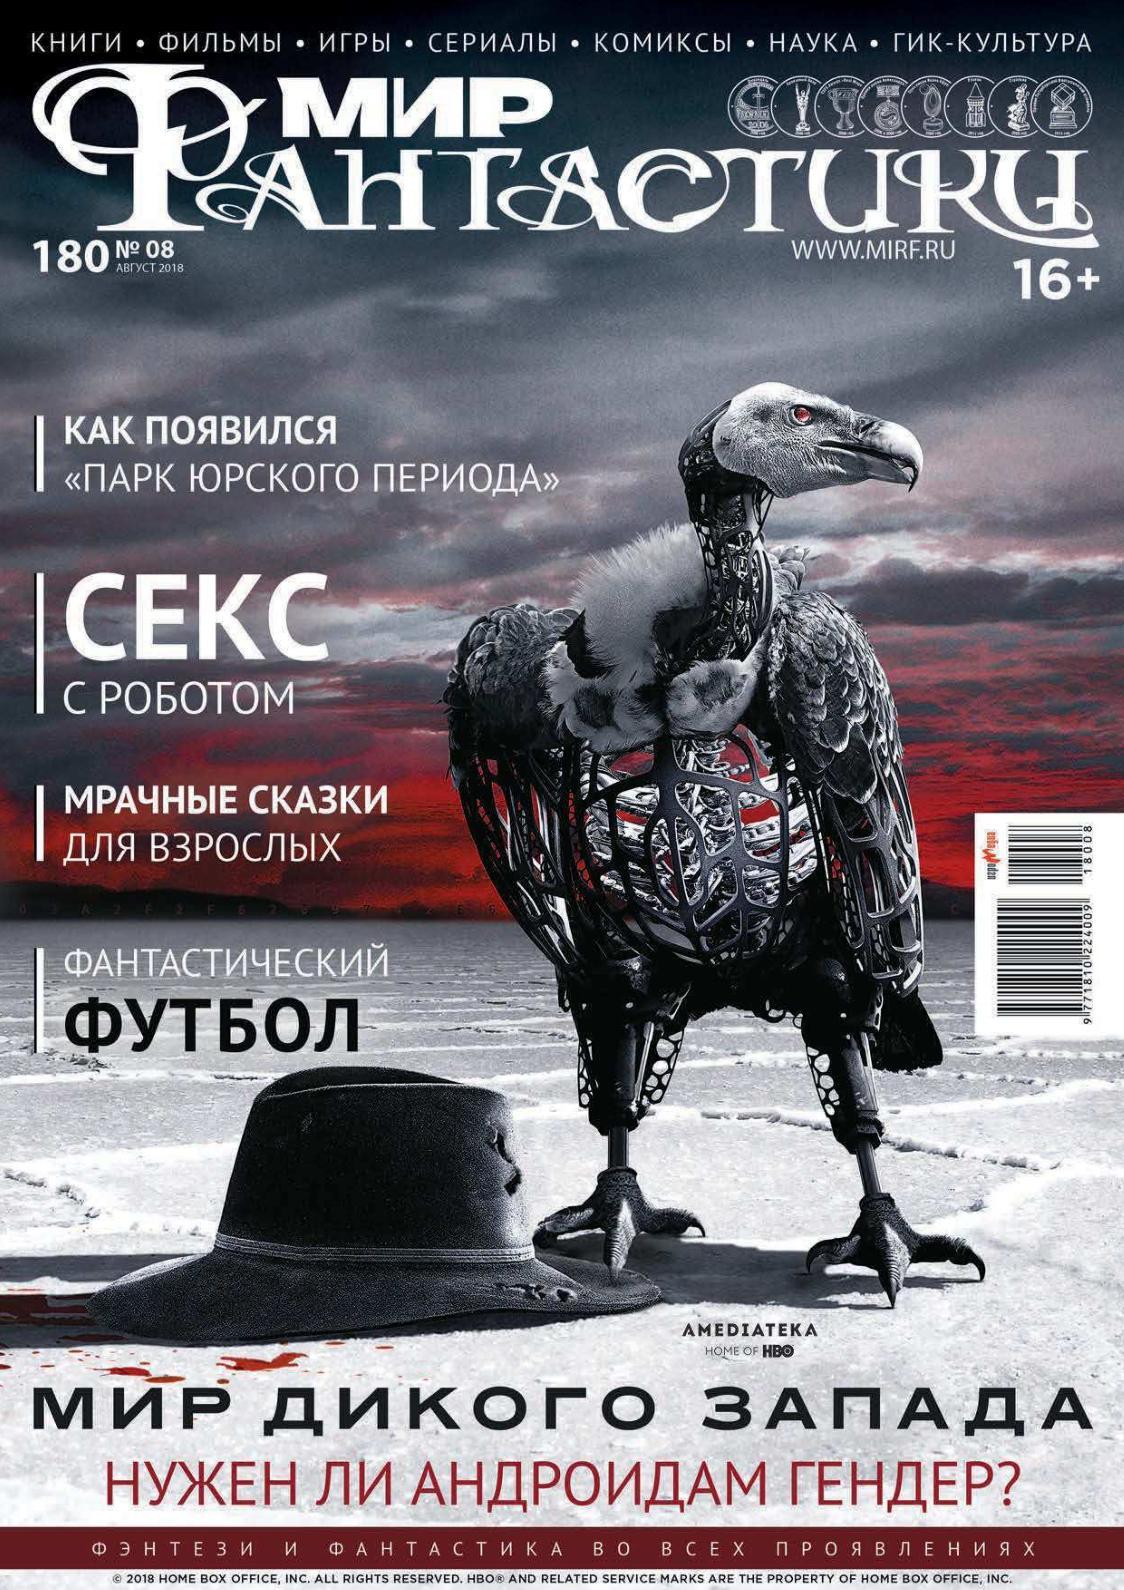 porno-magnat-tehno-svezhie-podborki-konchaniy-na-litso